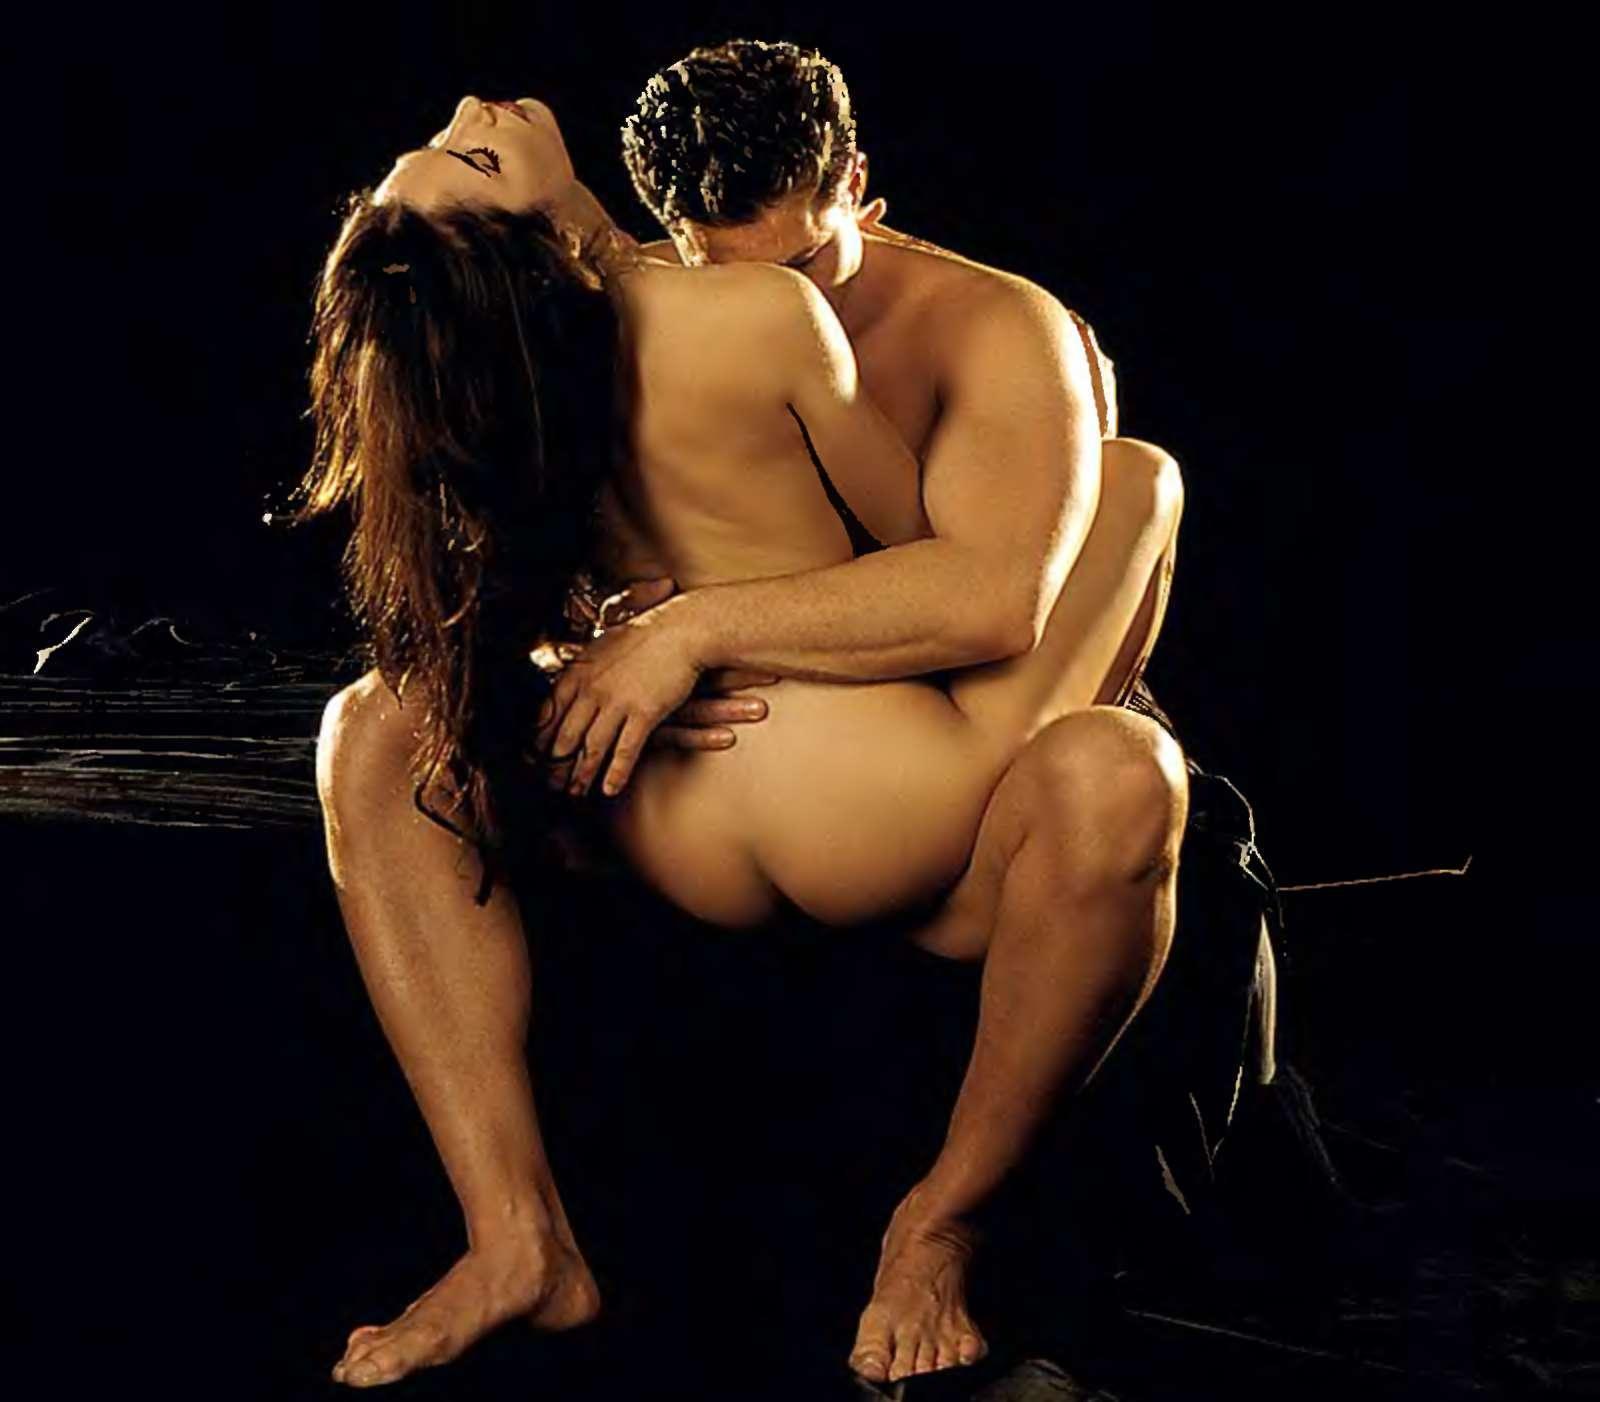 Смотреть онлайн камасутра для влюбленных 17 фотография